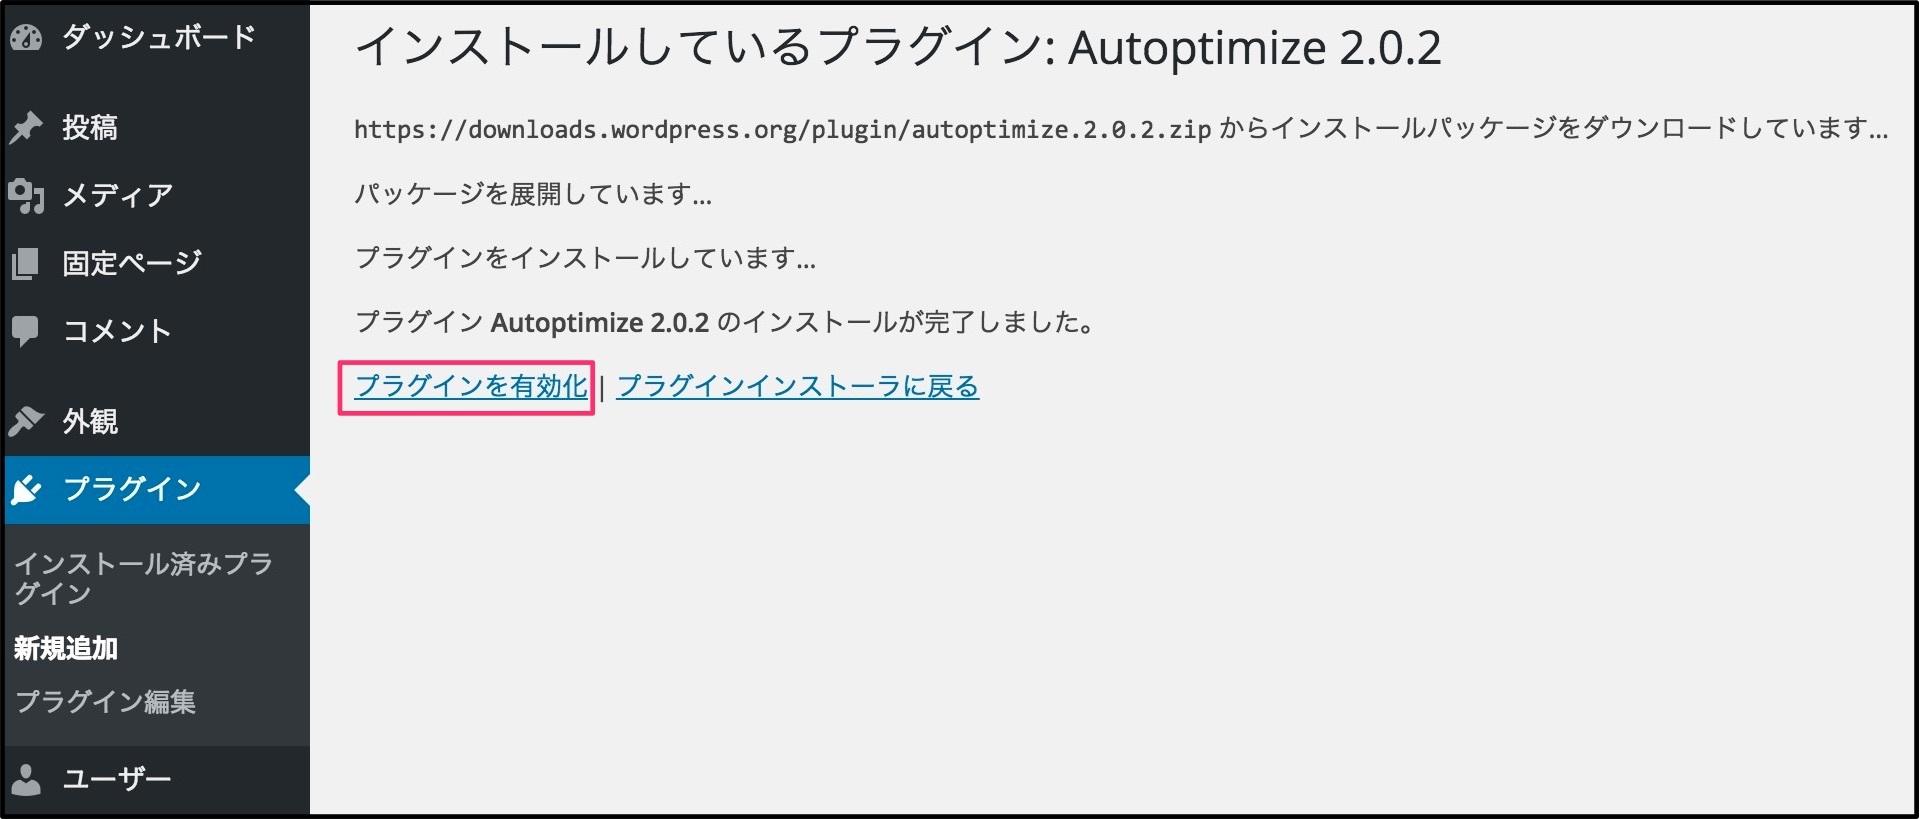 autoptimize5